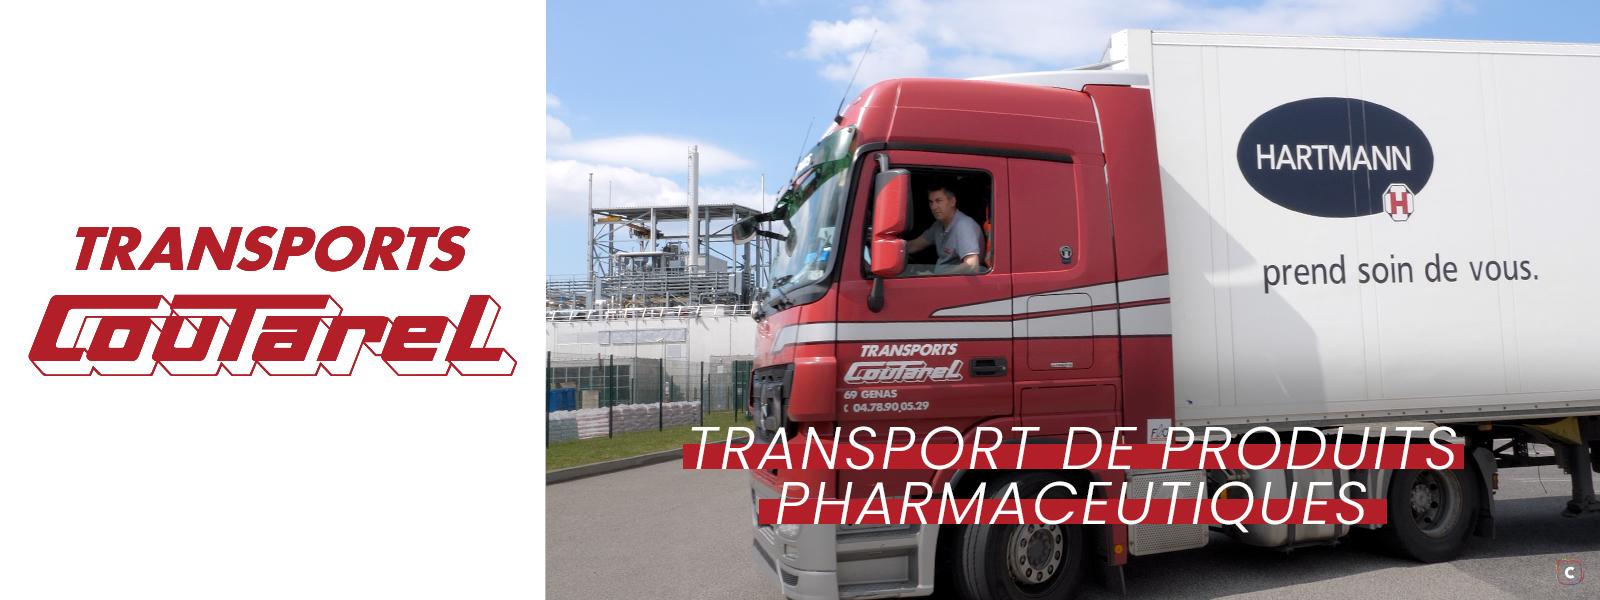 Sécurisez le transport de vos produits pharmaceutiques